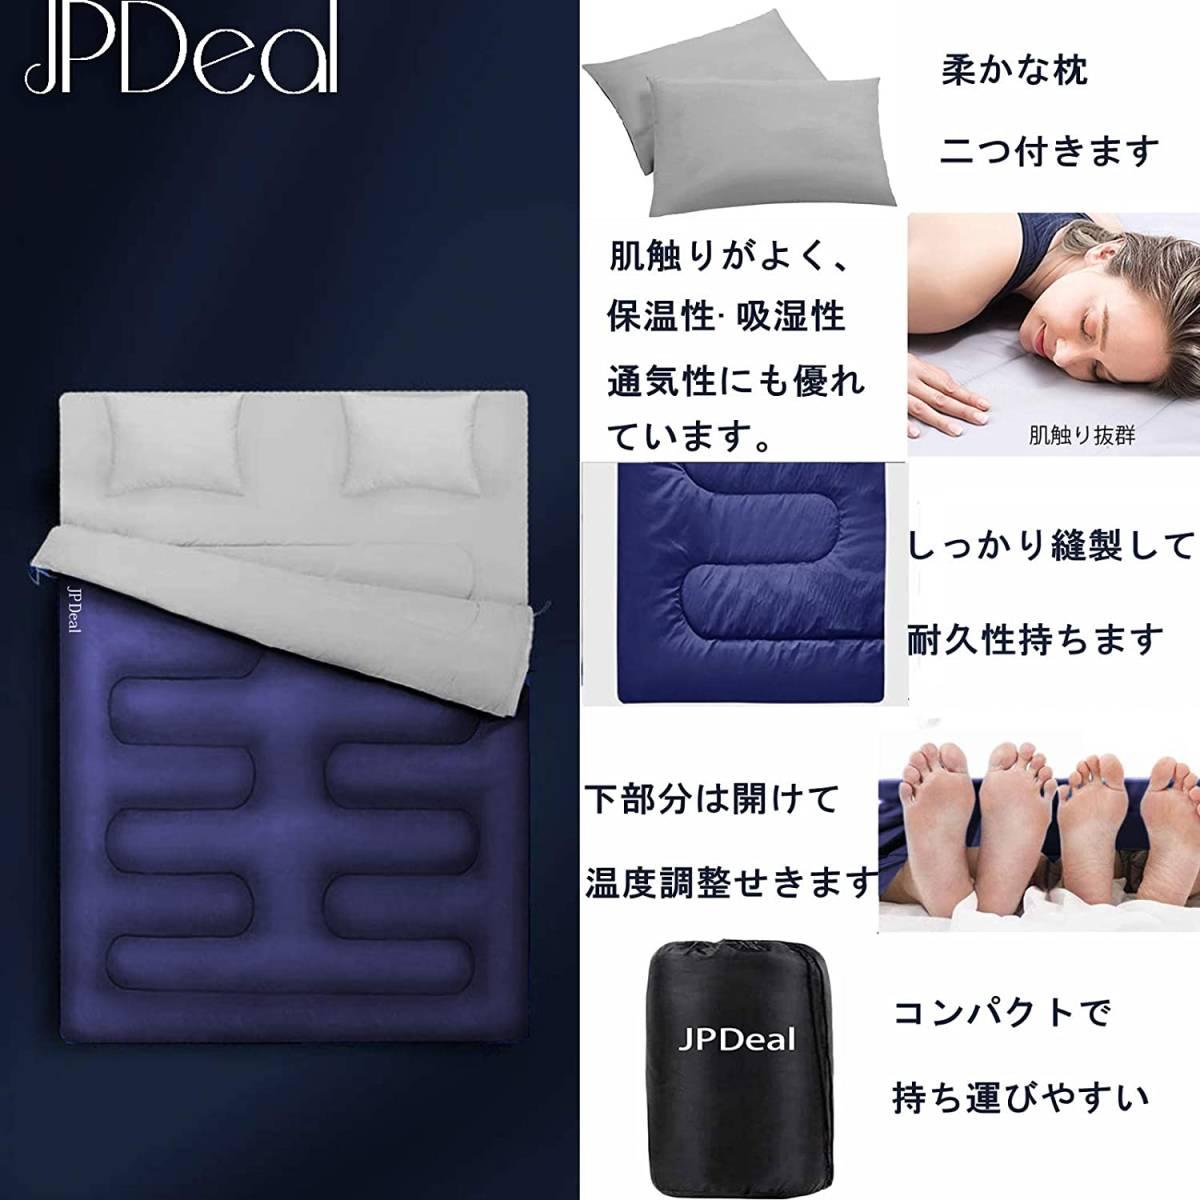 JPDeal 寝袋 封筒型 シュラフ コンプレッションバッグ 枕付き 210T防水シュラフ 連結可能 保温 軽量 コンパクト アウトドア 収納パック付き